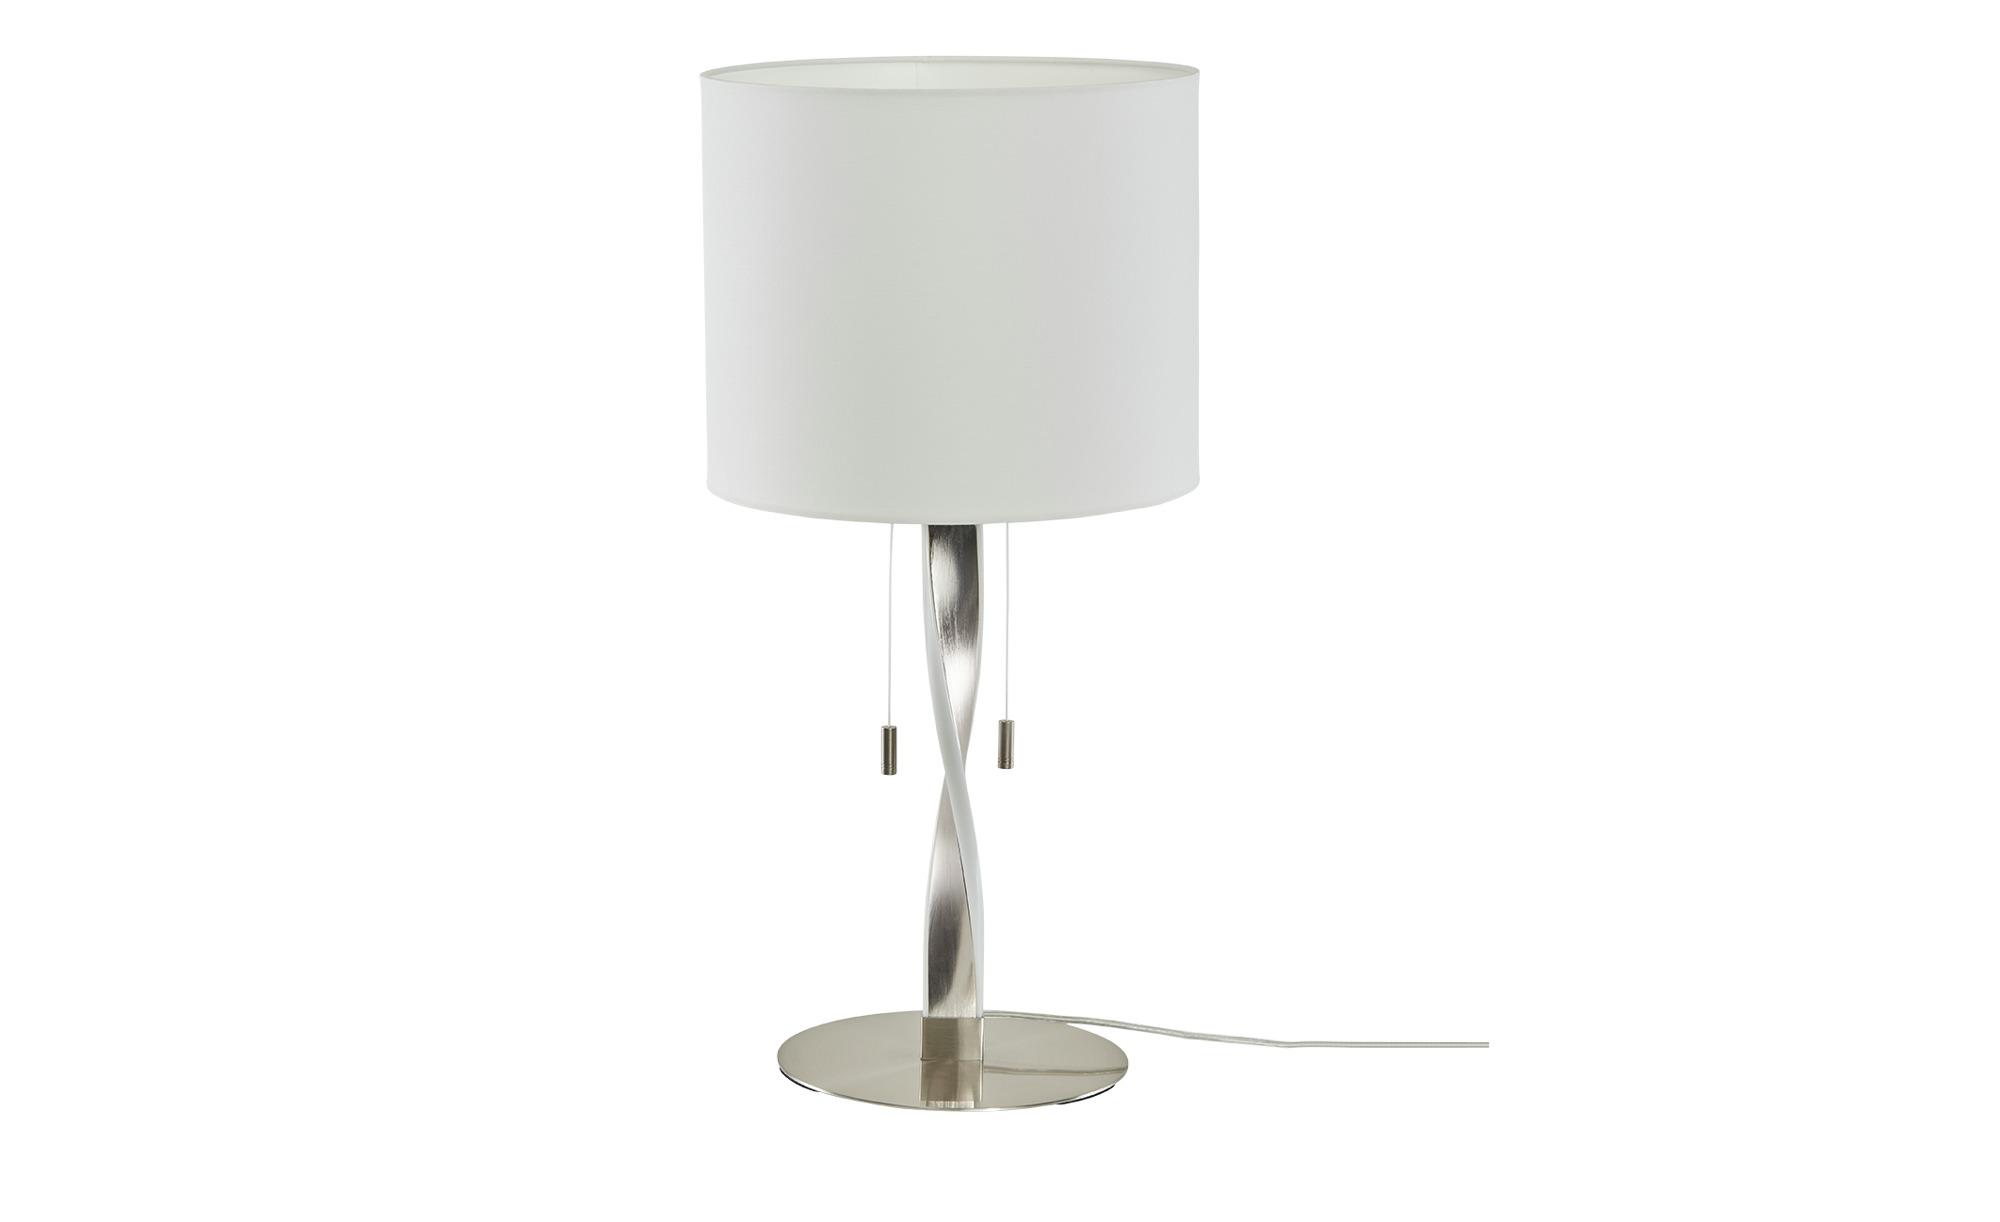 Trio Tischleuchte, NIckel matt mit Stoffschirm ¦ silber ¦ Maße (cm): H: 62 Ø: 30 Lampen & Leuchten > Innenleuchten > Tischlampen - Höffner